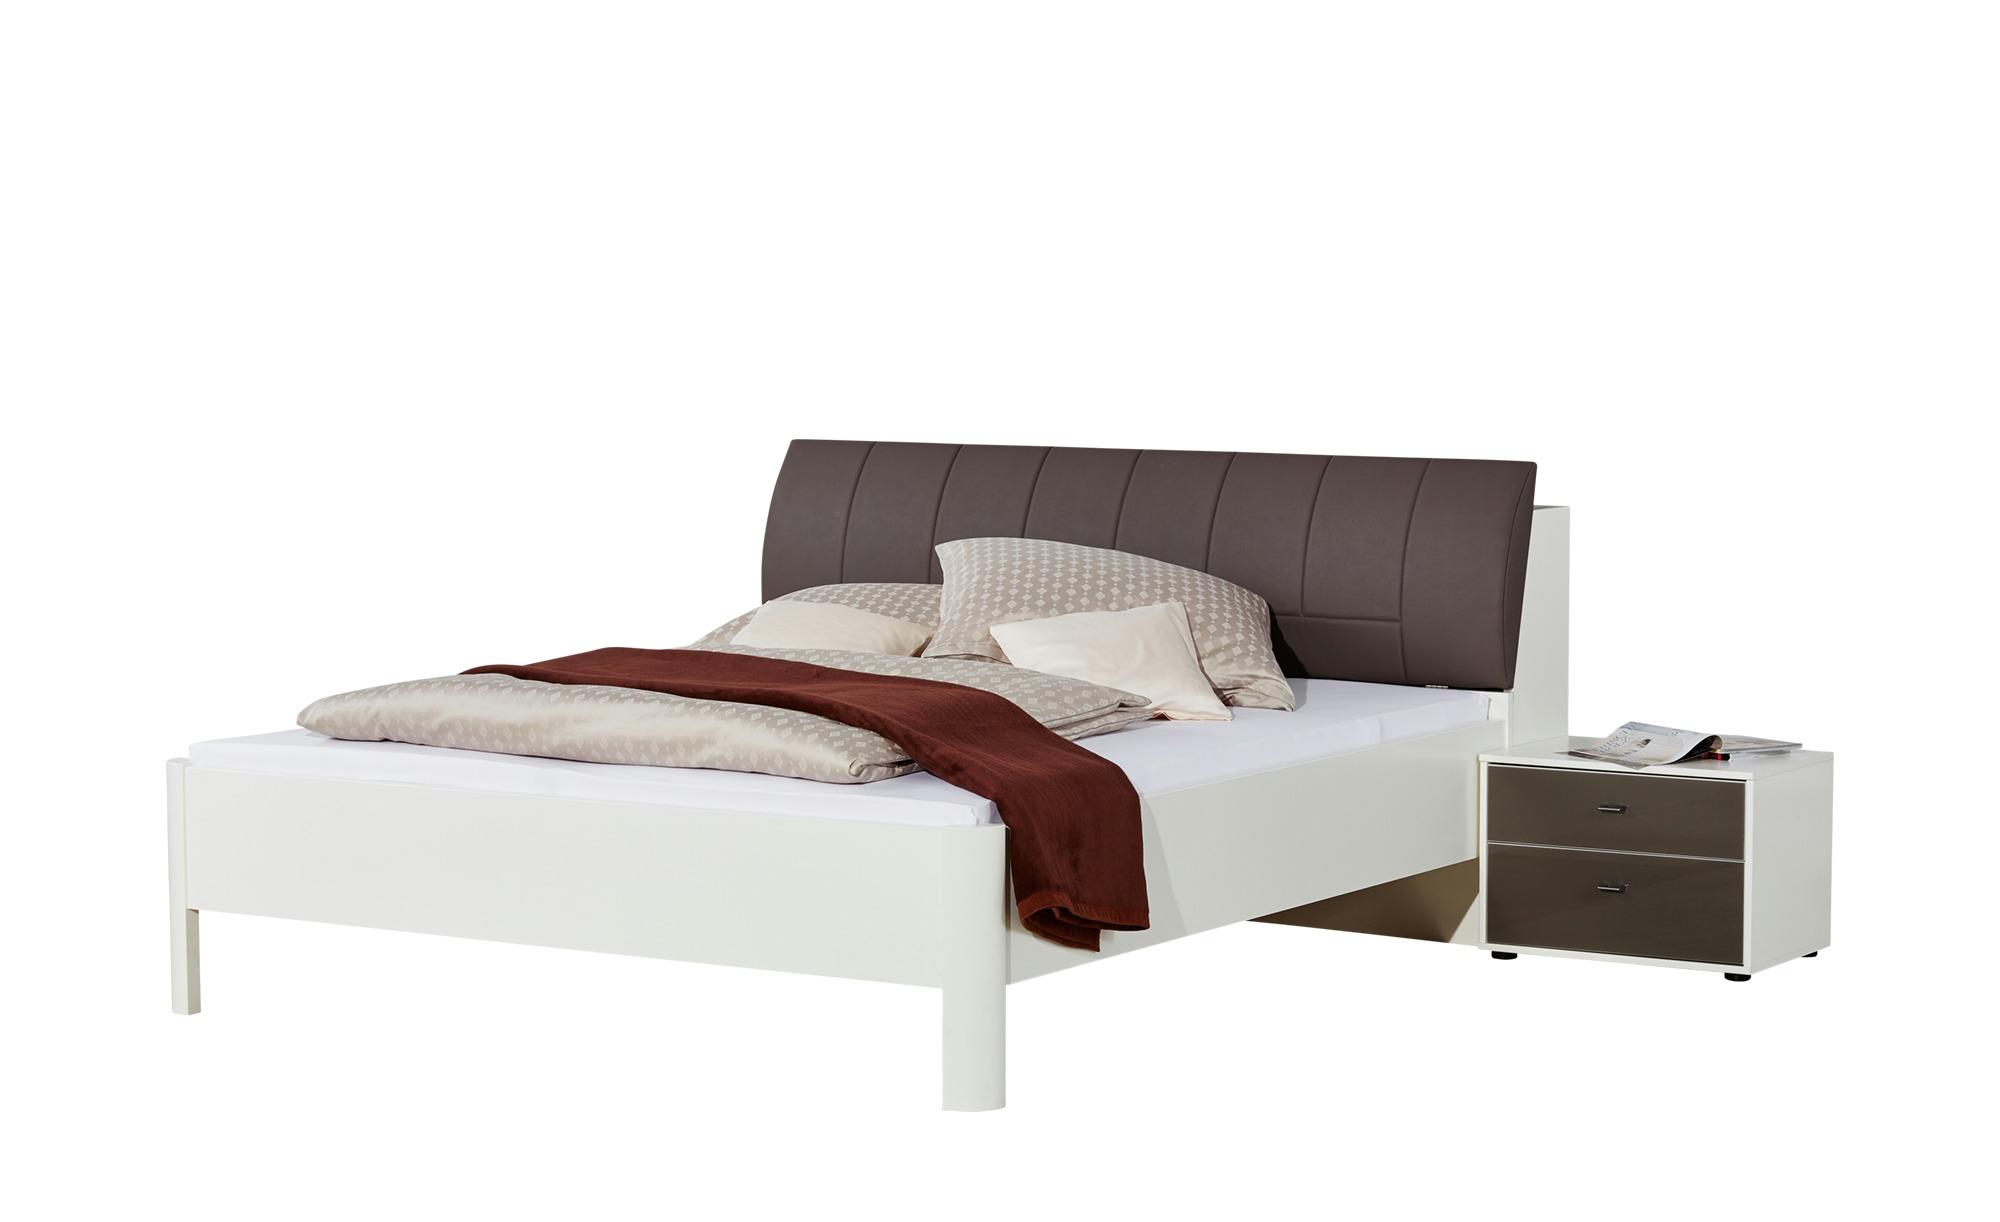 Wohnwert Bettanlage 3-teilig 180x200 - weiß/braun Soria ¦ weiß ¦ Maße (cm): B: 191 H: 98 Betten > Futonbetten - Höffner